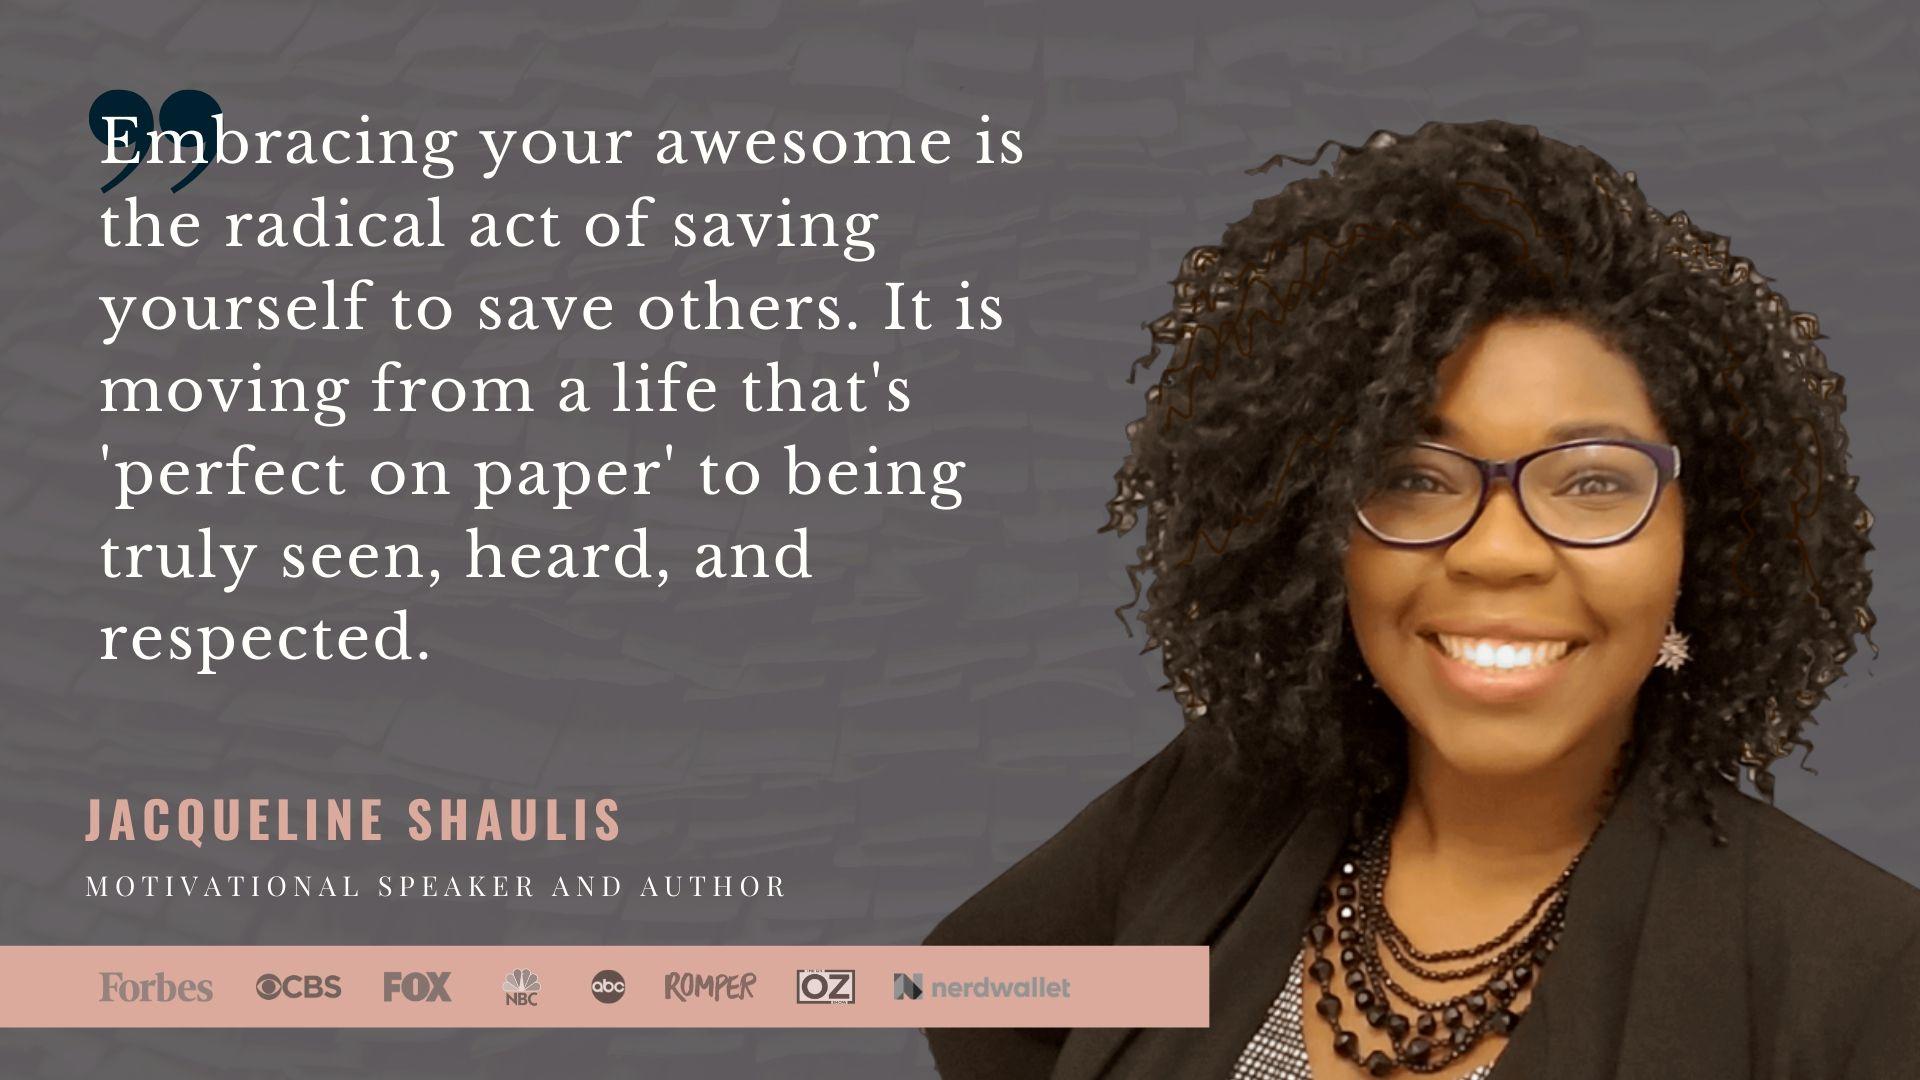 Jacqueline Shaulis - Bestselling author and international speaker